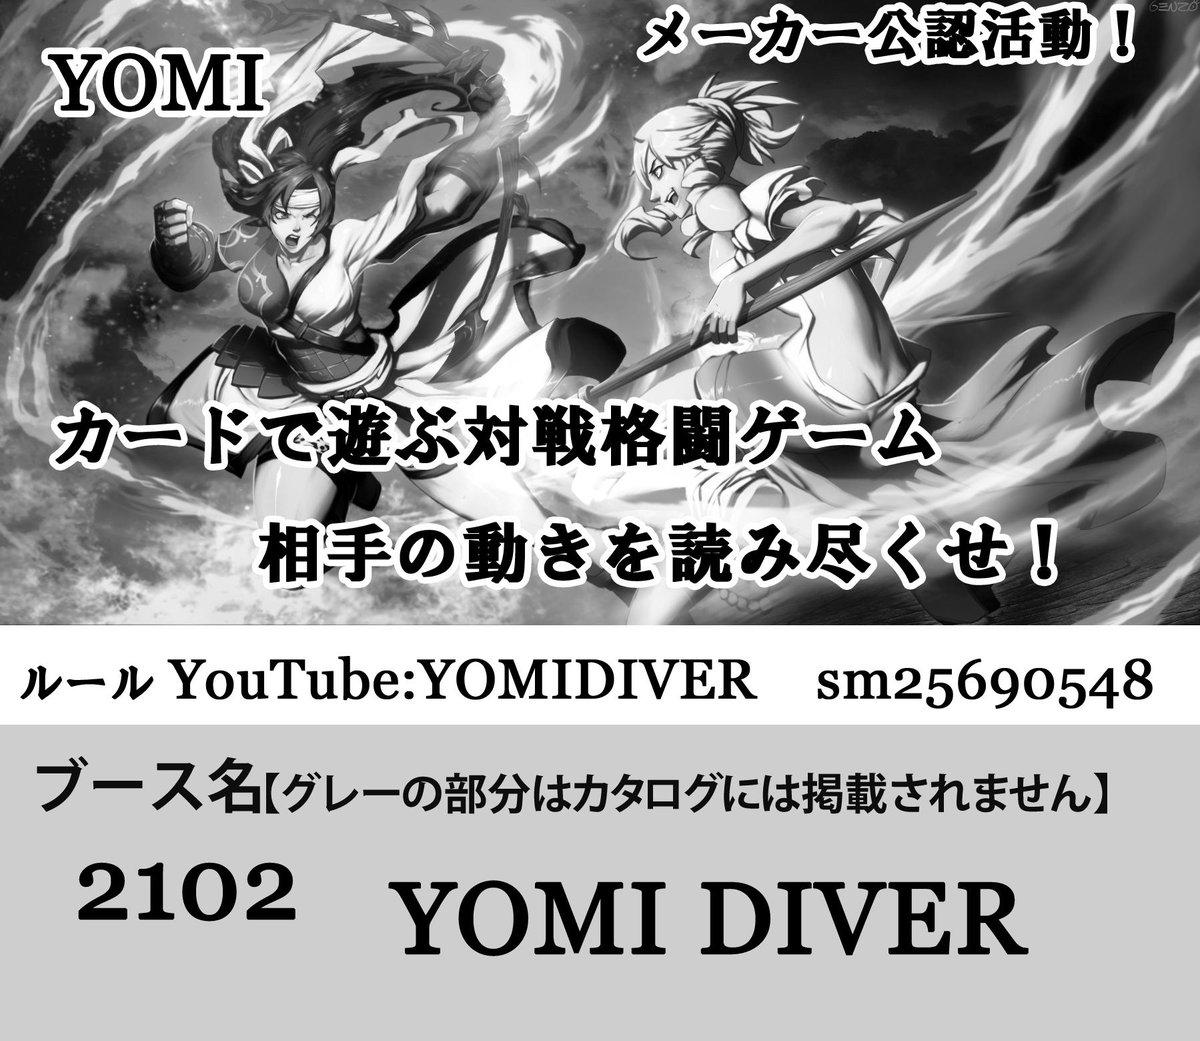 2015年5月5日、 #ゲームマーケット 春東京にて『YOMI DIVER』名義で参加します!対戦格闘カードゲーム『YOMI』をトコトン楽しもう!勿論新版セットも予約中心に販売しますよ!フリープレイもショッピングも楽しんでください! http://t.co/Kk2G3f45pL